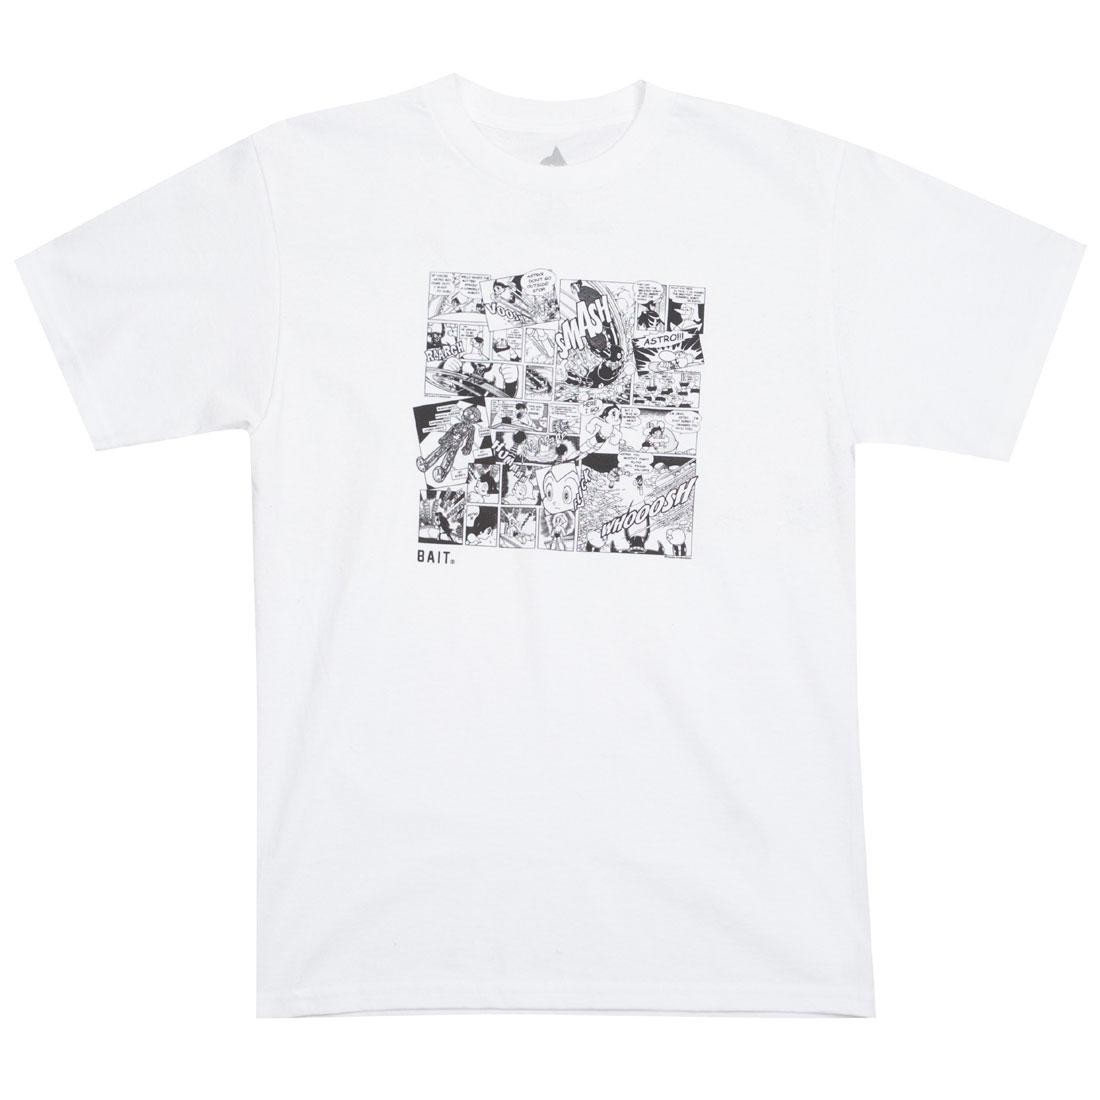 BAIT x Astroboy Men Manga Tee (white)